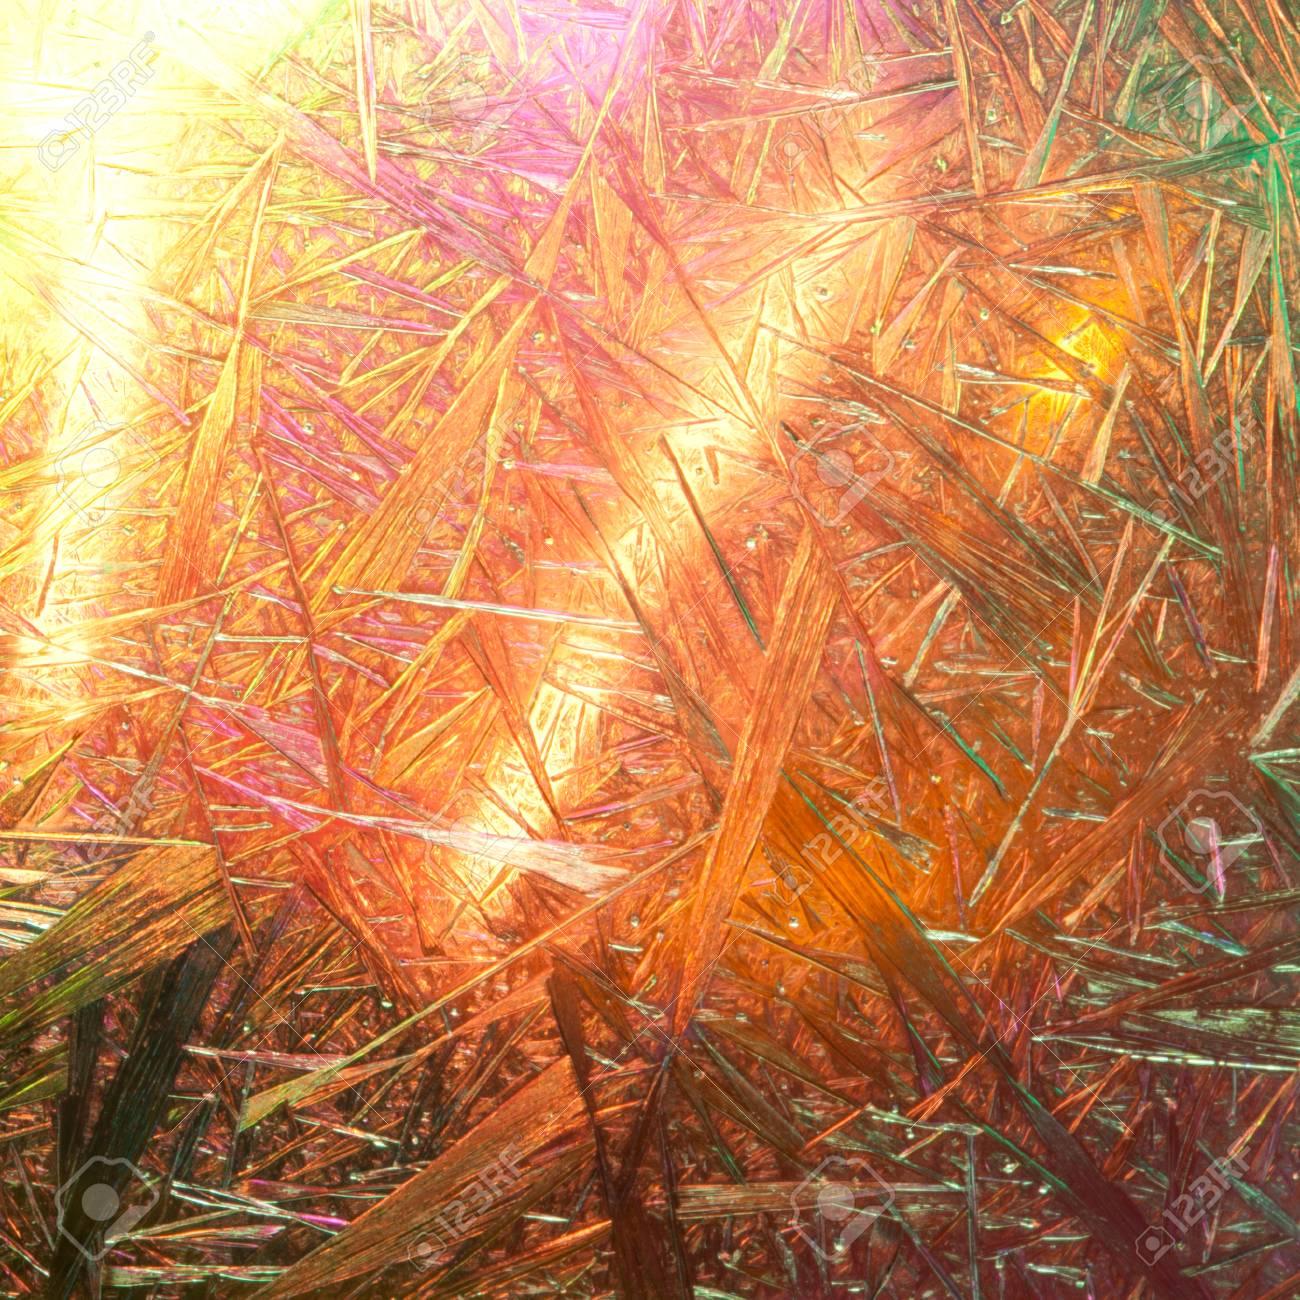 Full Size of Weihnachtsbeleuchtung Fenster Innen Mit Kabel Hornbach Kabellos Led Silhouette Stern Ohne Bunt Batteriebetrieben Amazon Batterie Abstraktion Ice Blten Frost Fenster Weihnachtsbeleuchtung Fenster